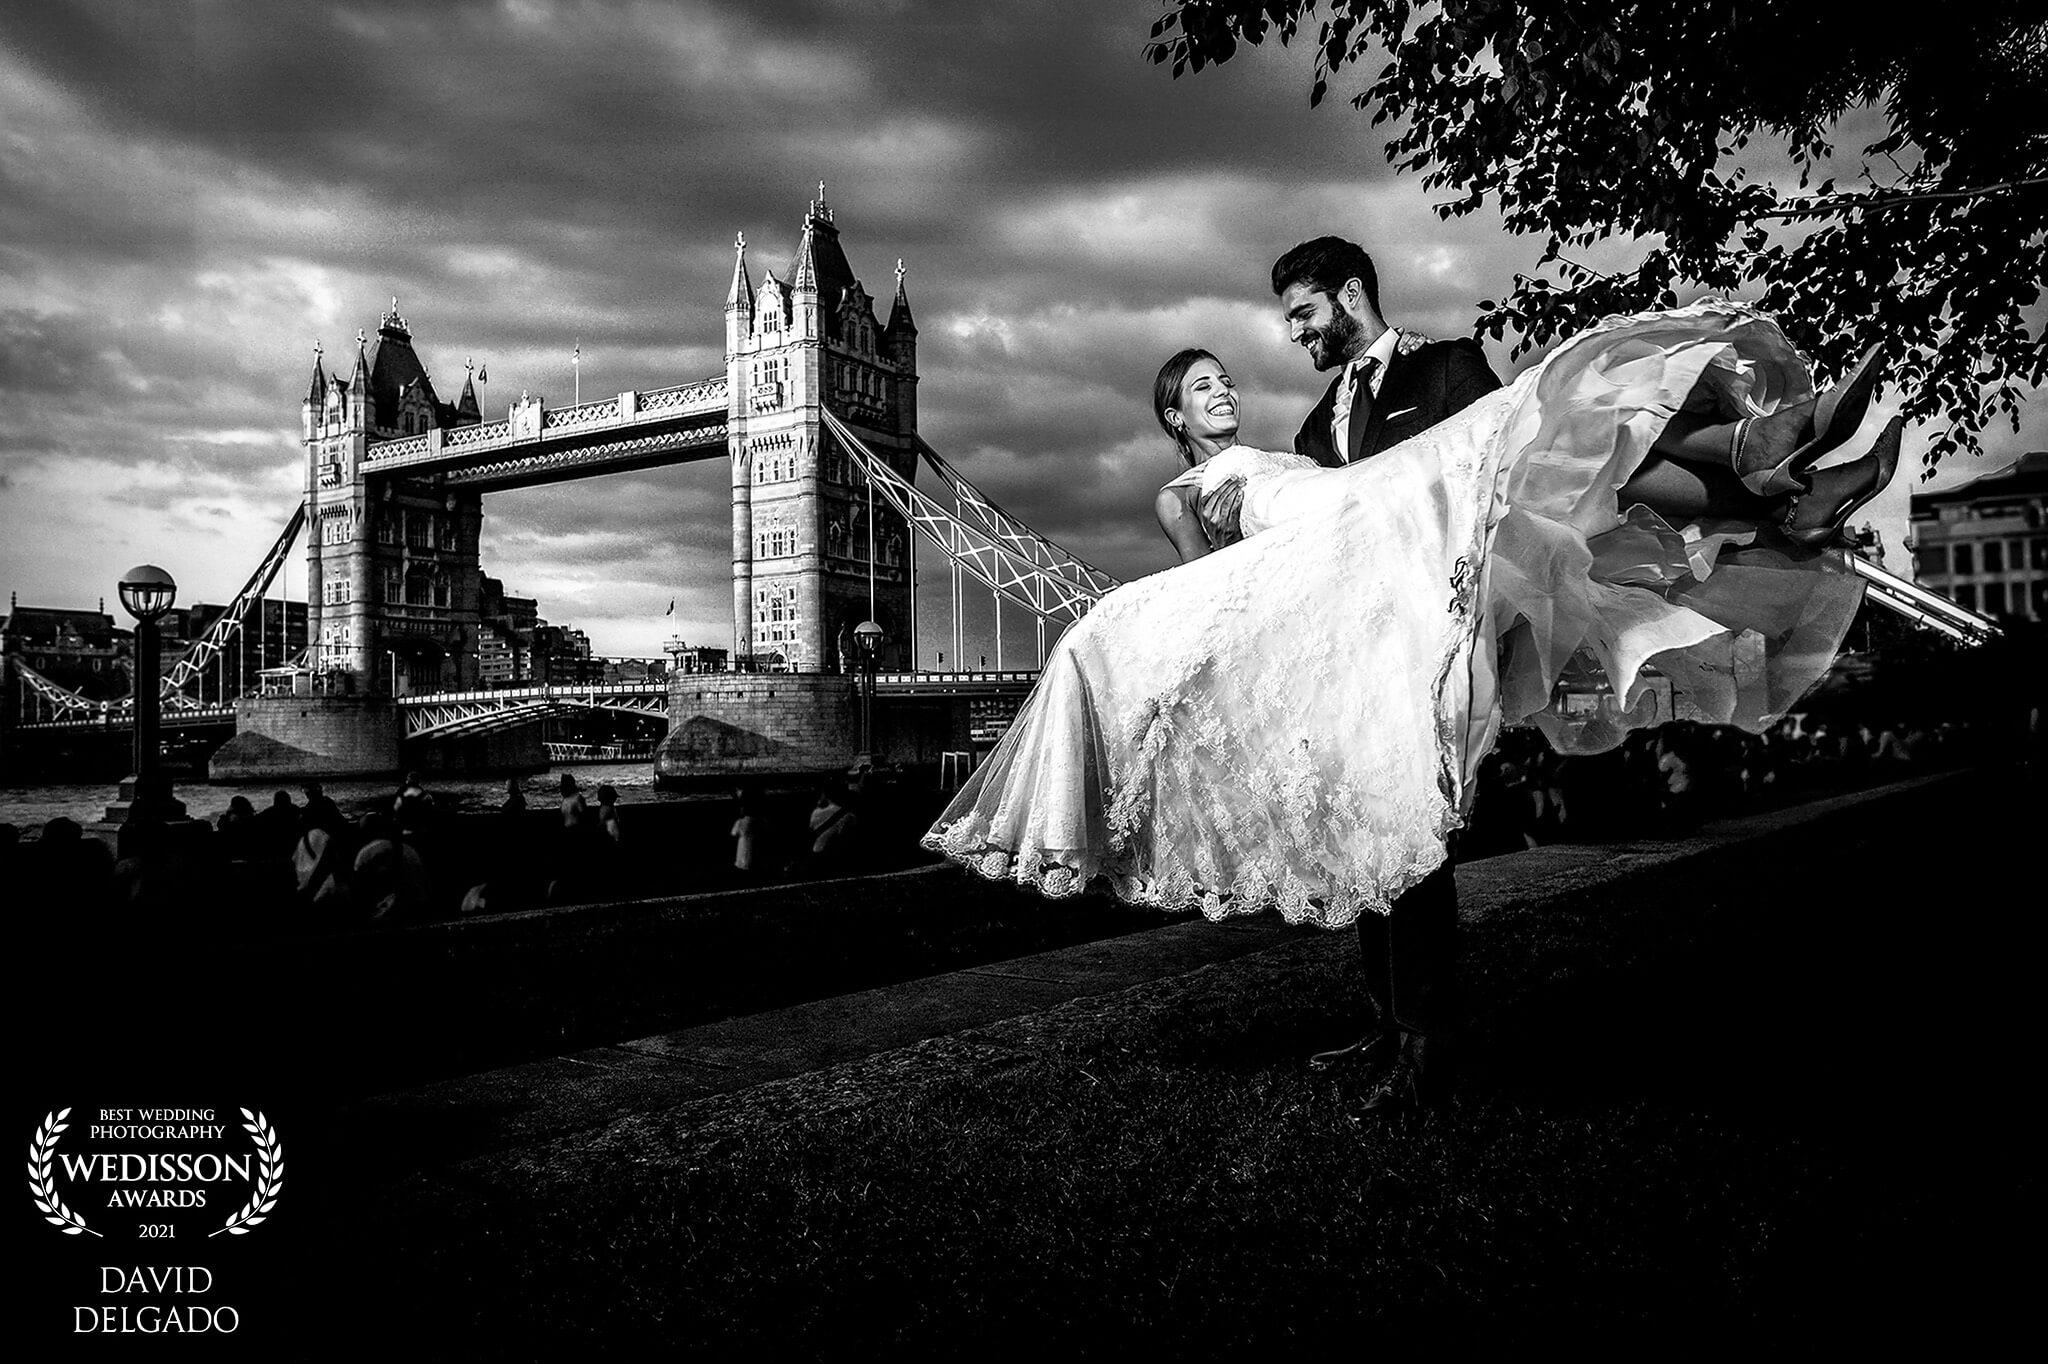 David Delgado Wedding Photography Wedisson Awards-21